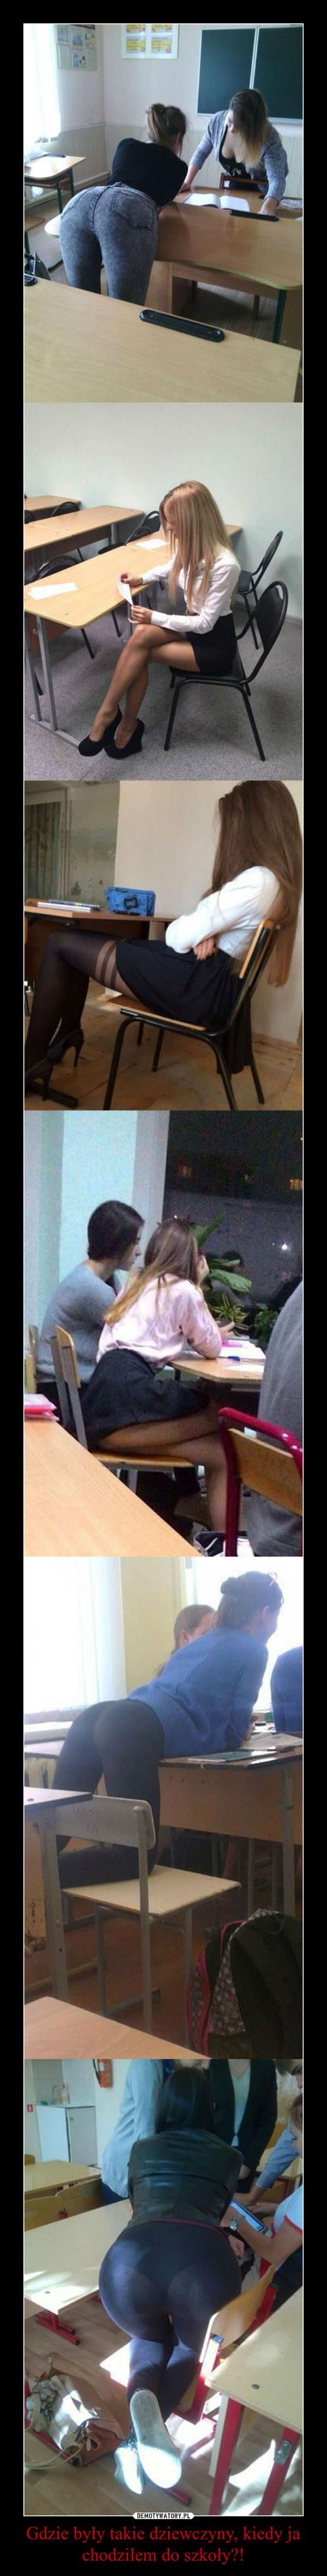 Gdzie były takie dziewczyny, kiedy ja chodziłem do szkoły?! –